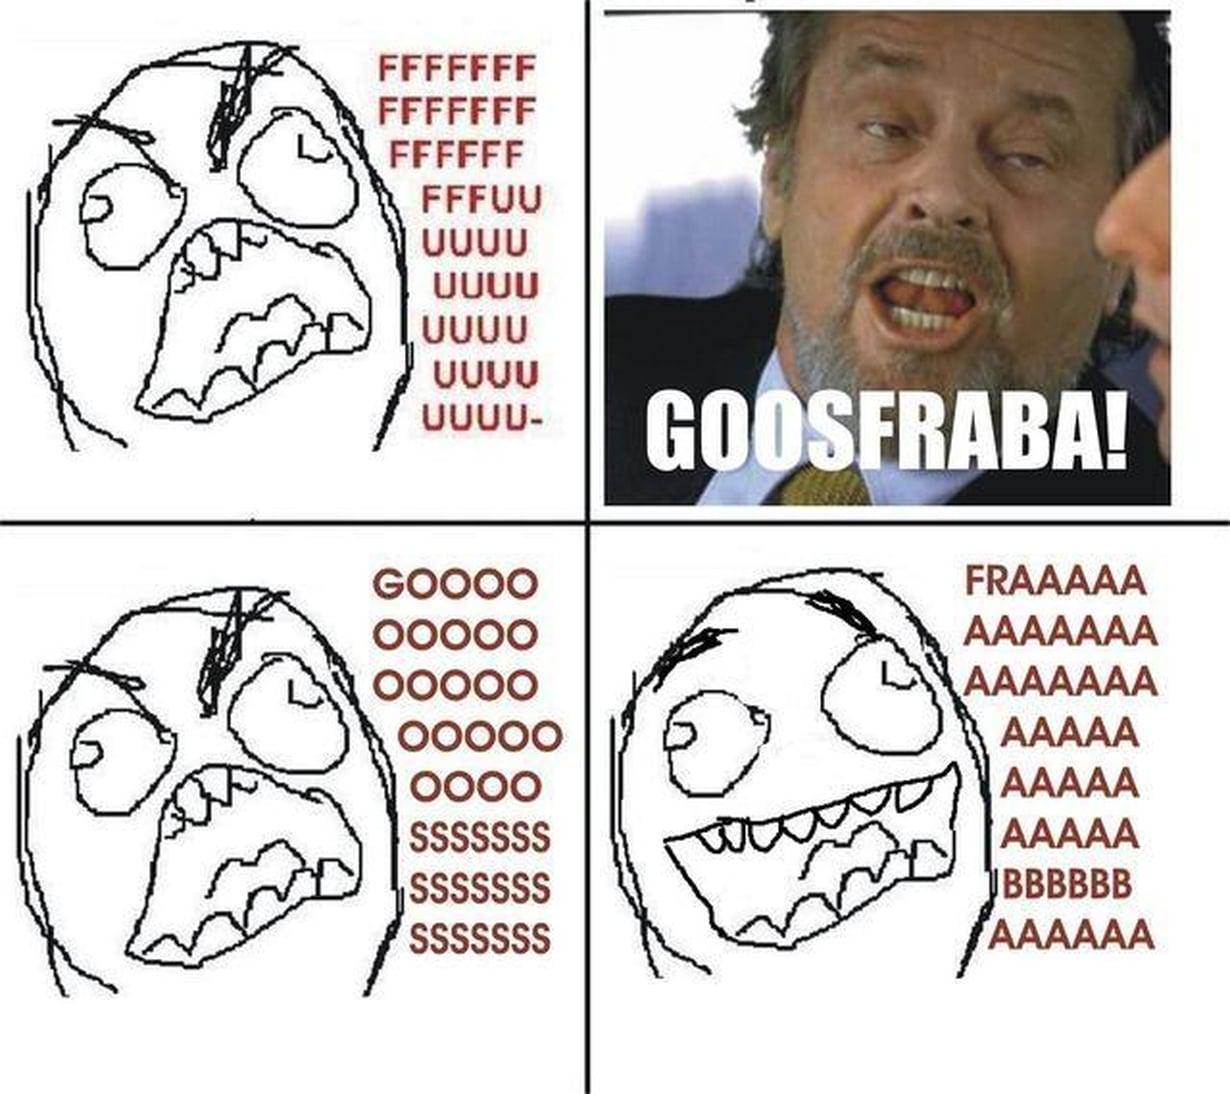 goosfraba2bo0